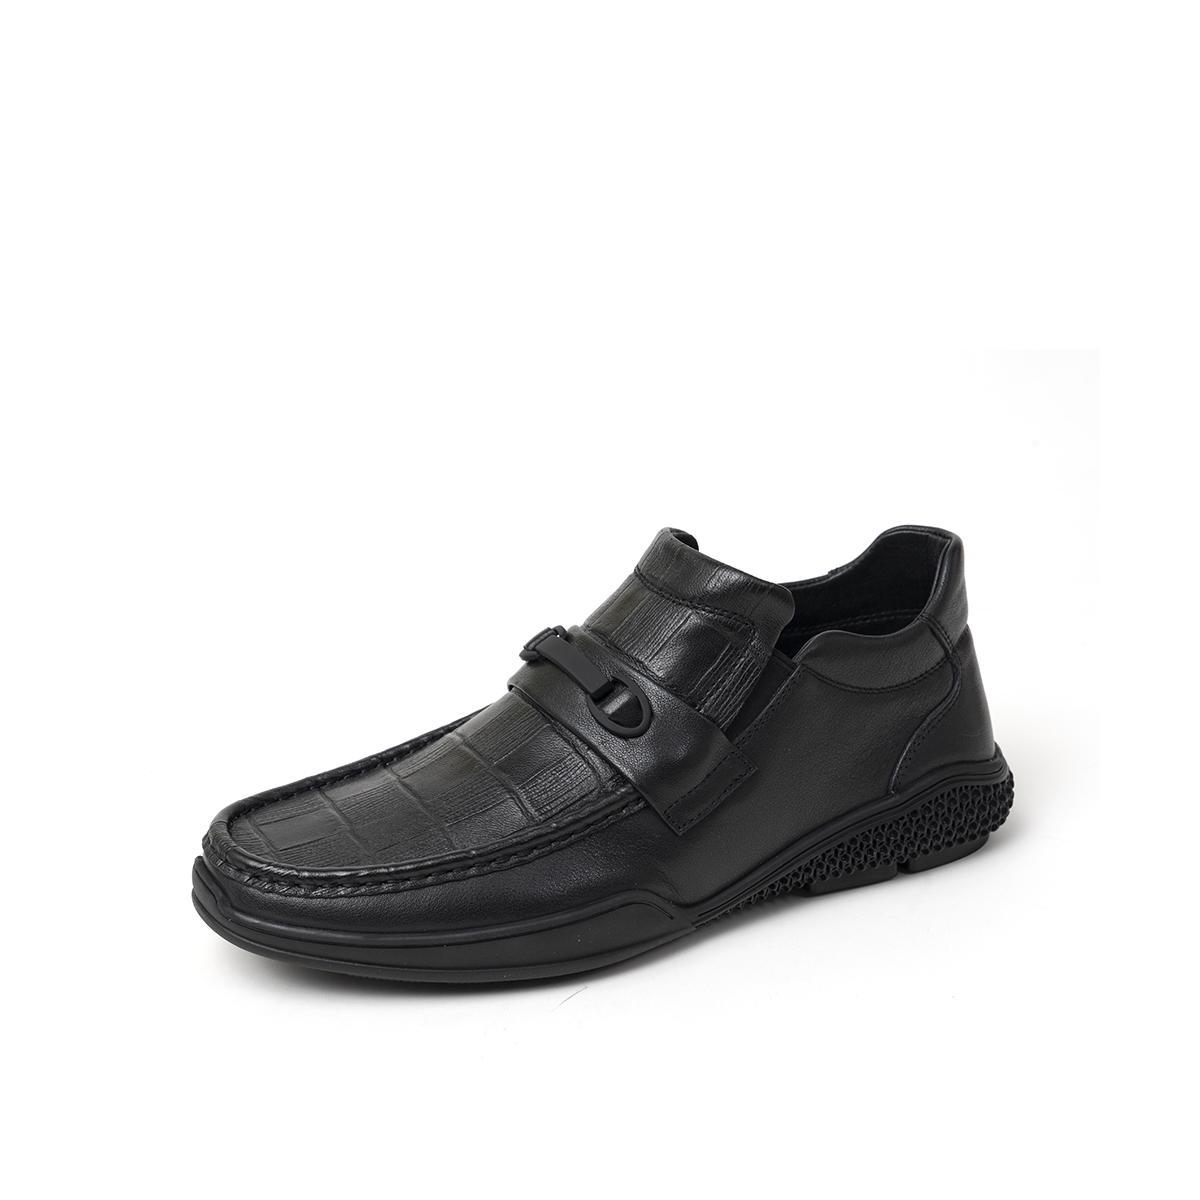 百思图百思图 2019冬季专柜同款牛皮革一脚蹬商务男休闲鞋RGL80Y28DU1DM9